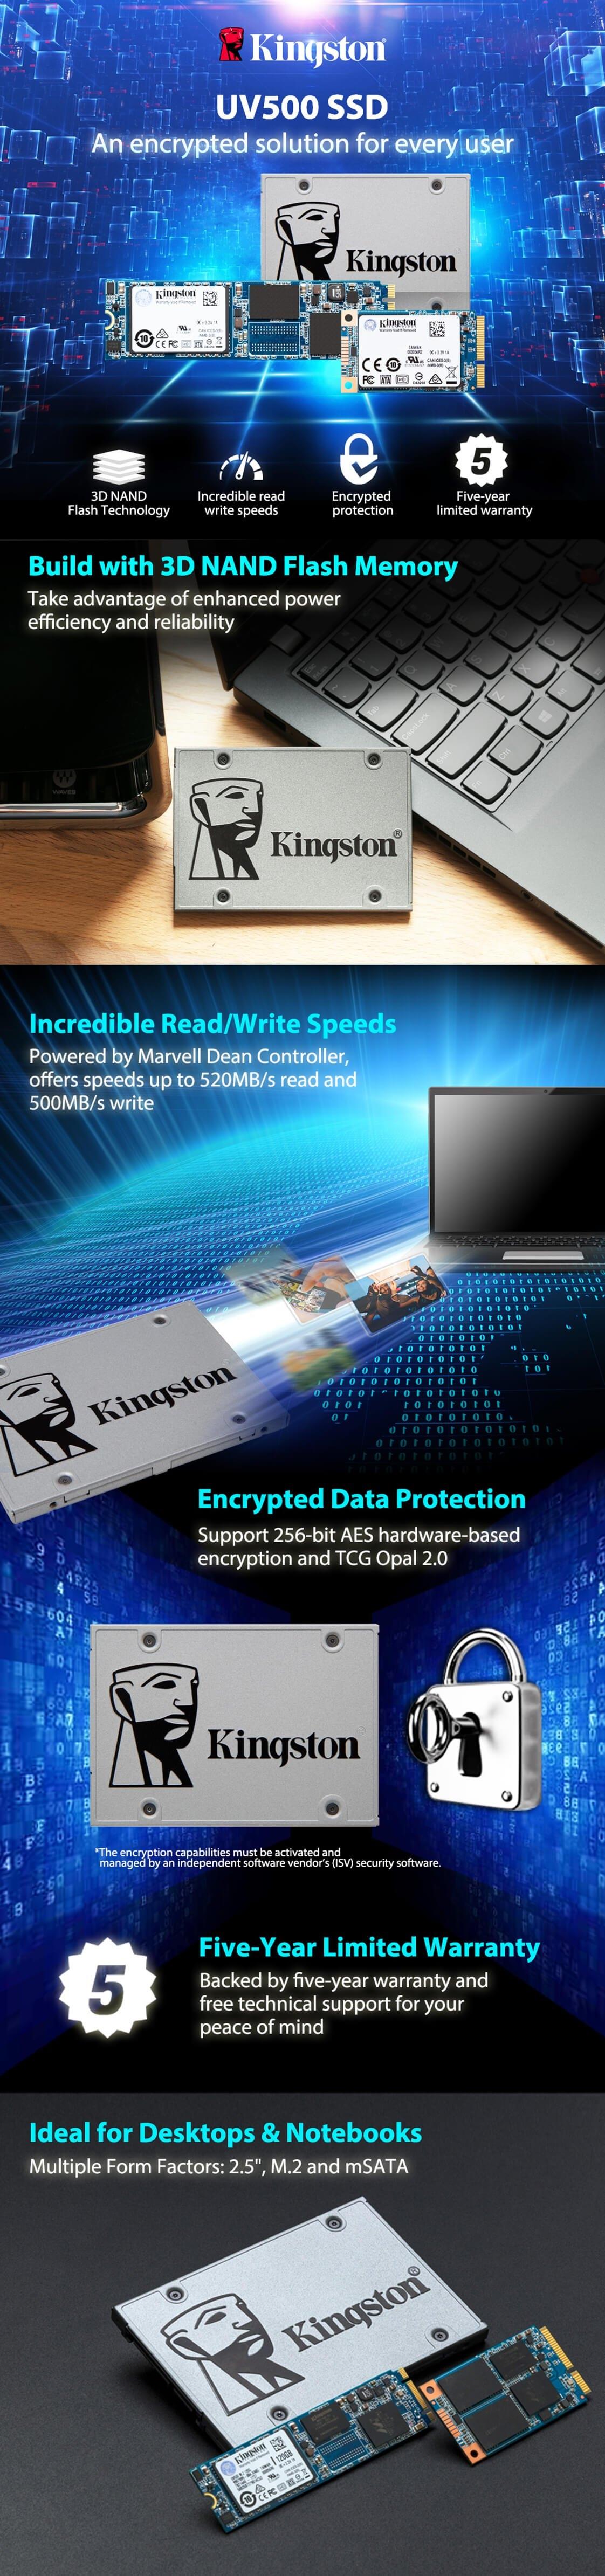 Kingston SSDNow UV500 120GB 2 5